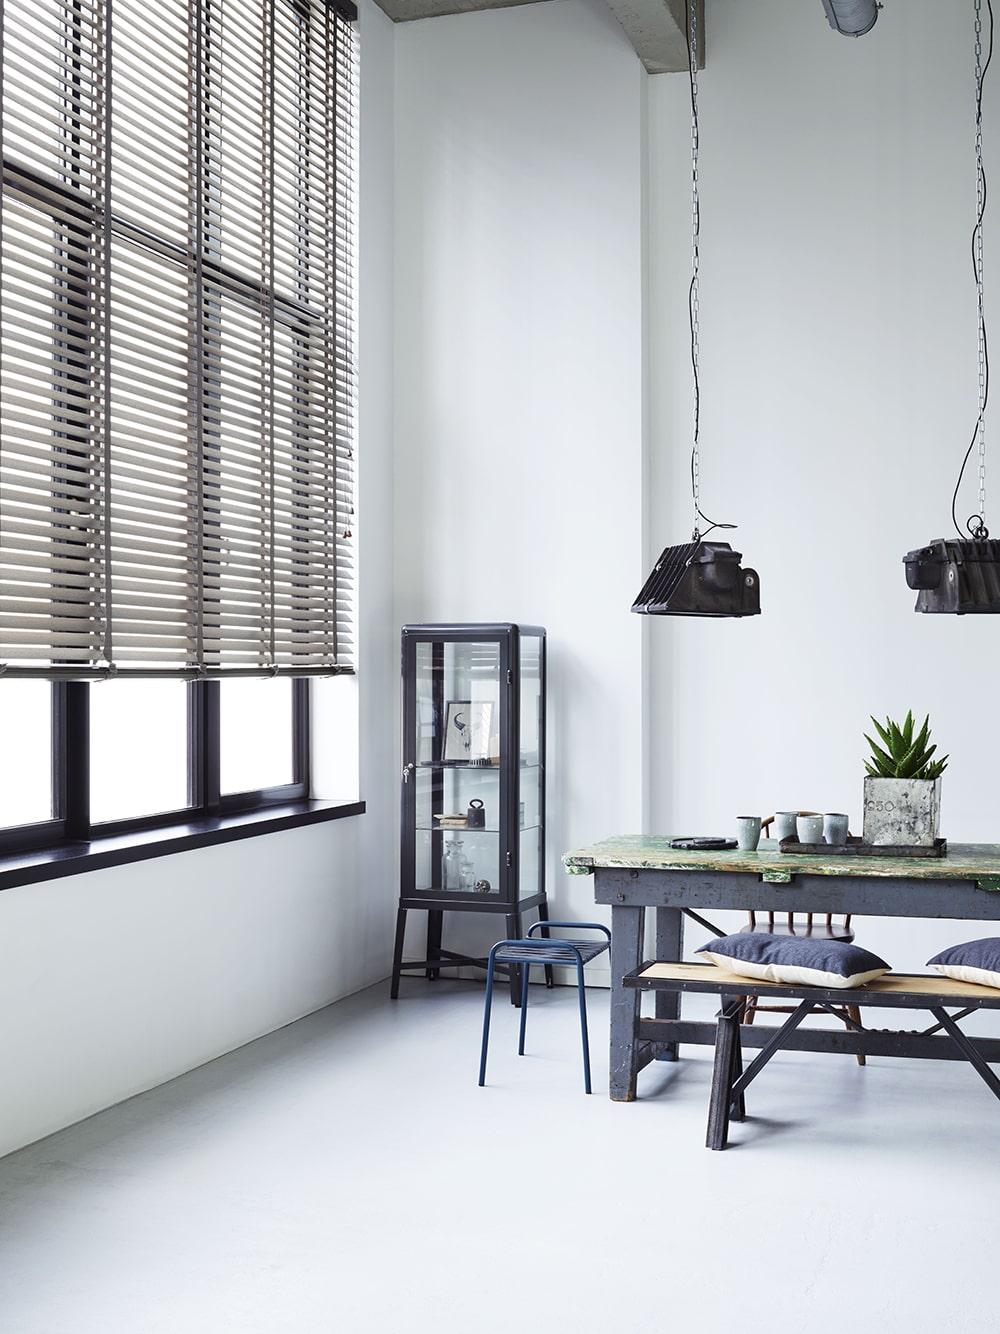 Industriële inrichting met strakke raamdecoratie